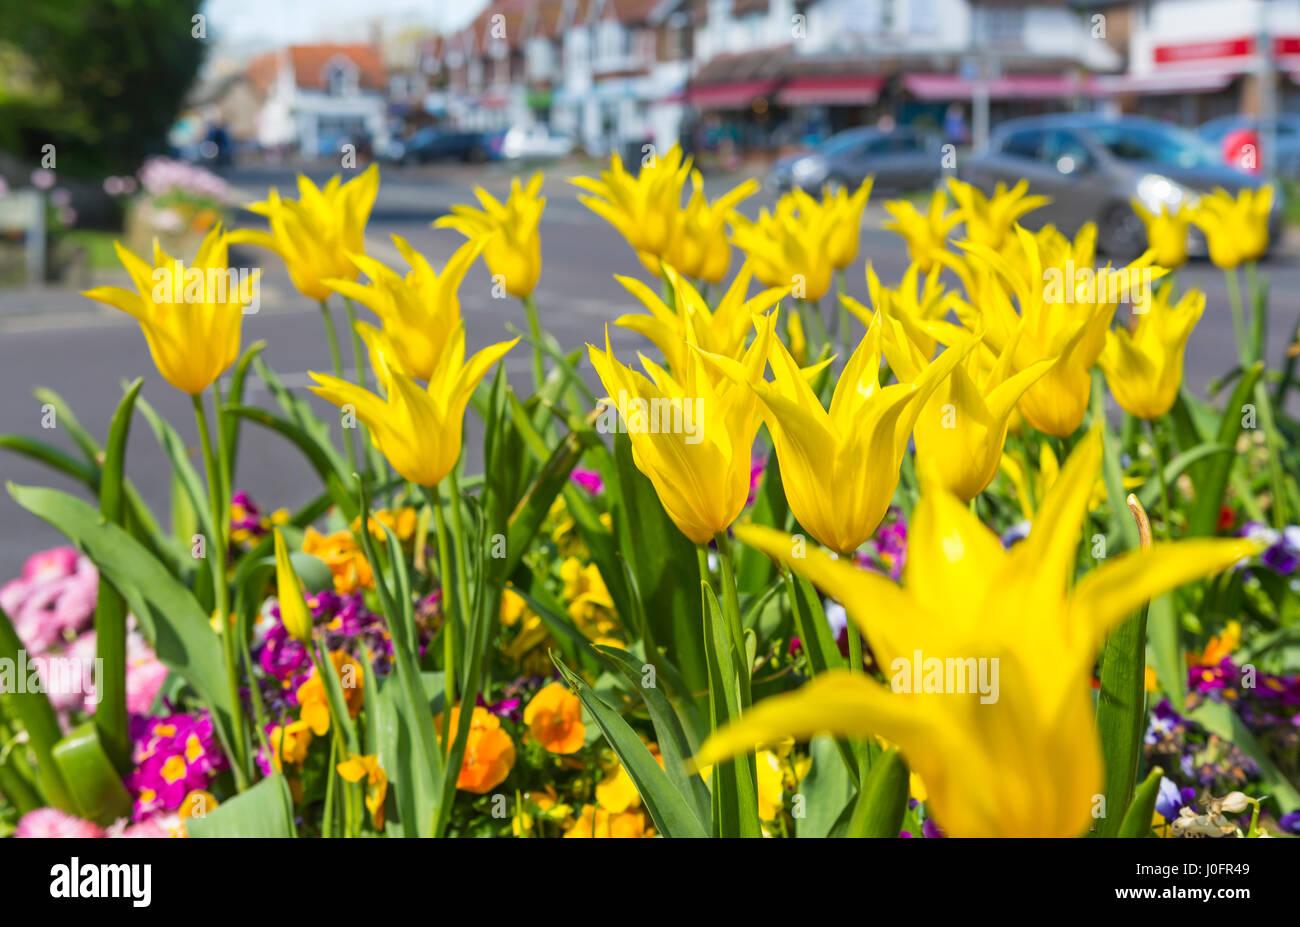 Blumen Blumen Blumenbeete Betten Stockfotos & Blumen